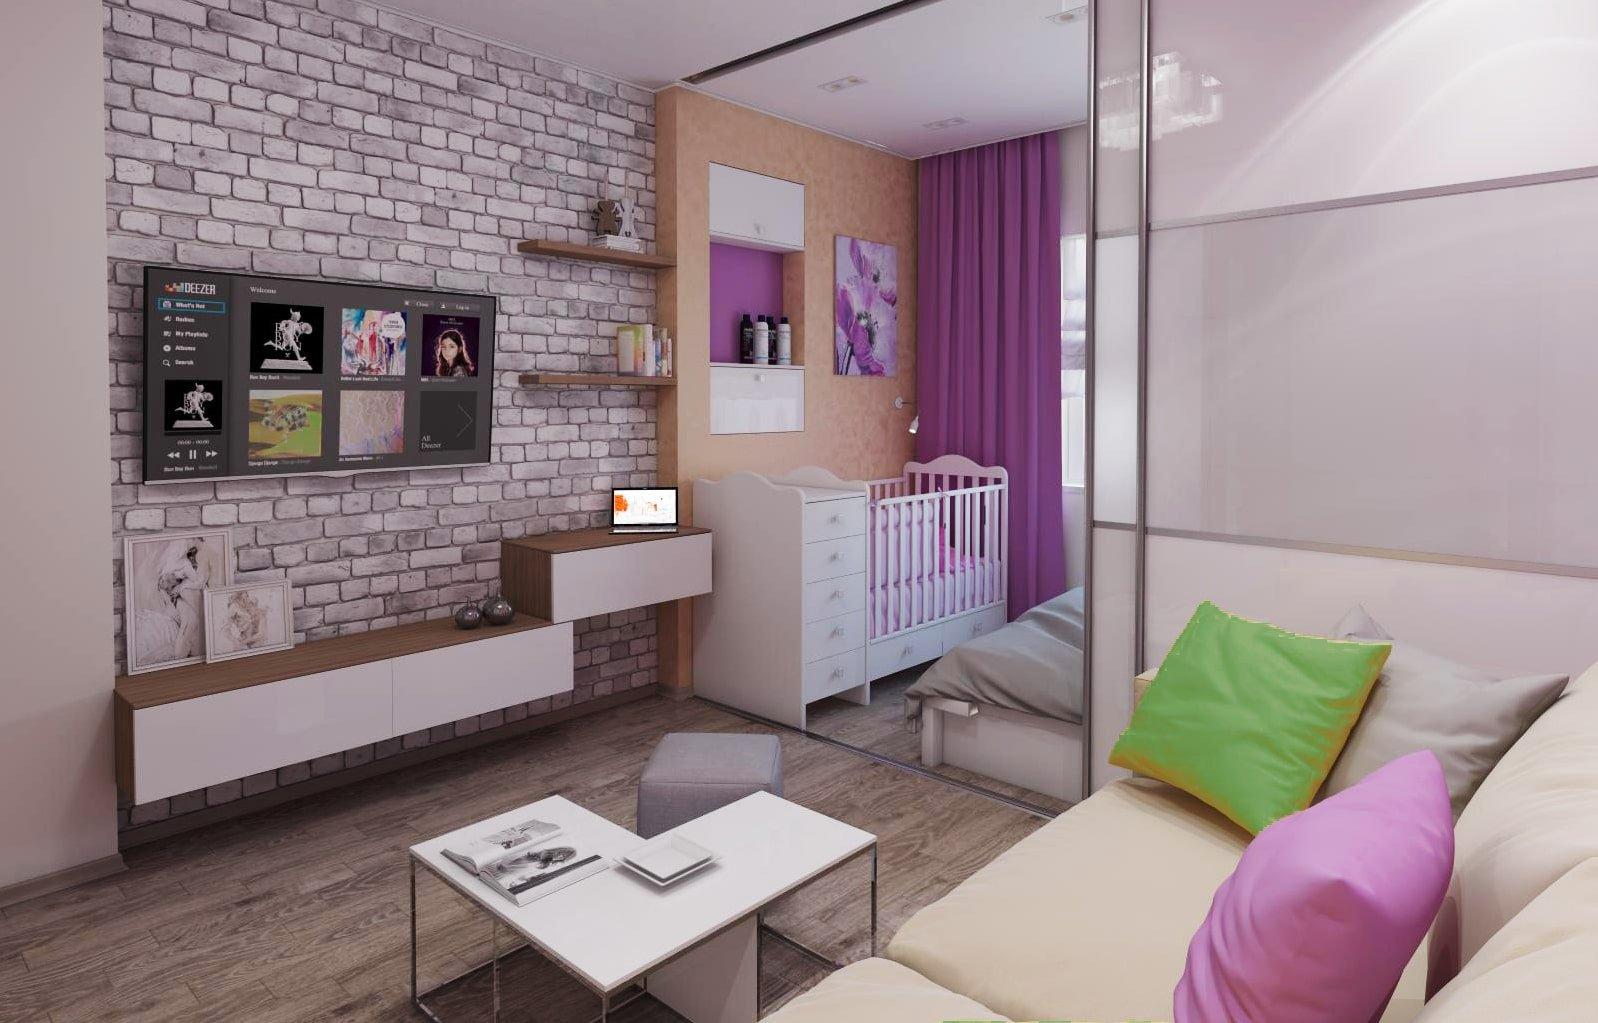 квартира 40 кв м с ребенком